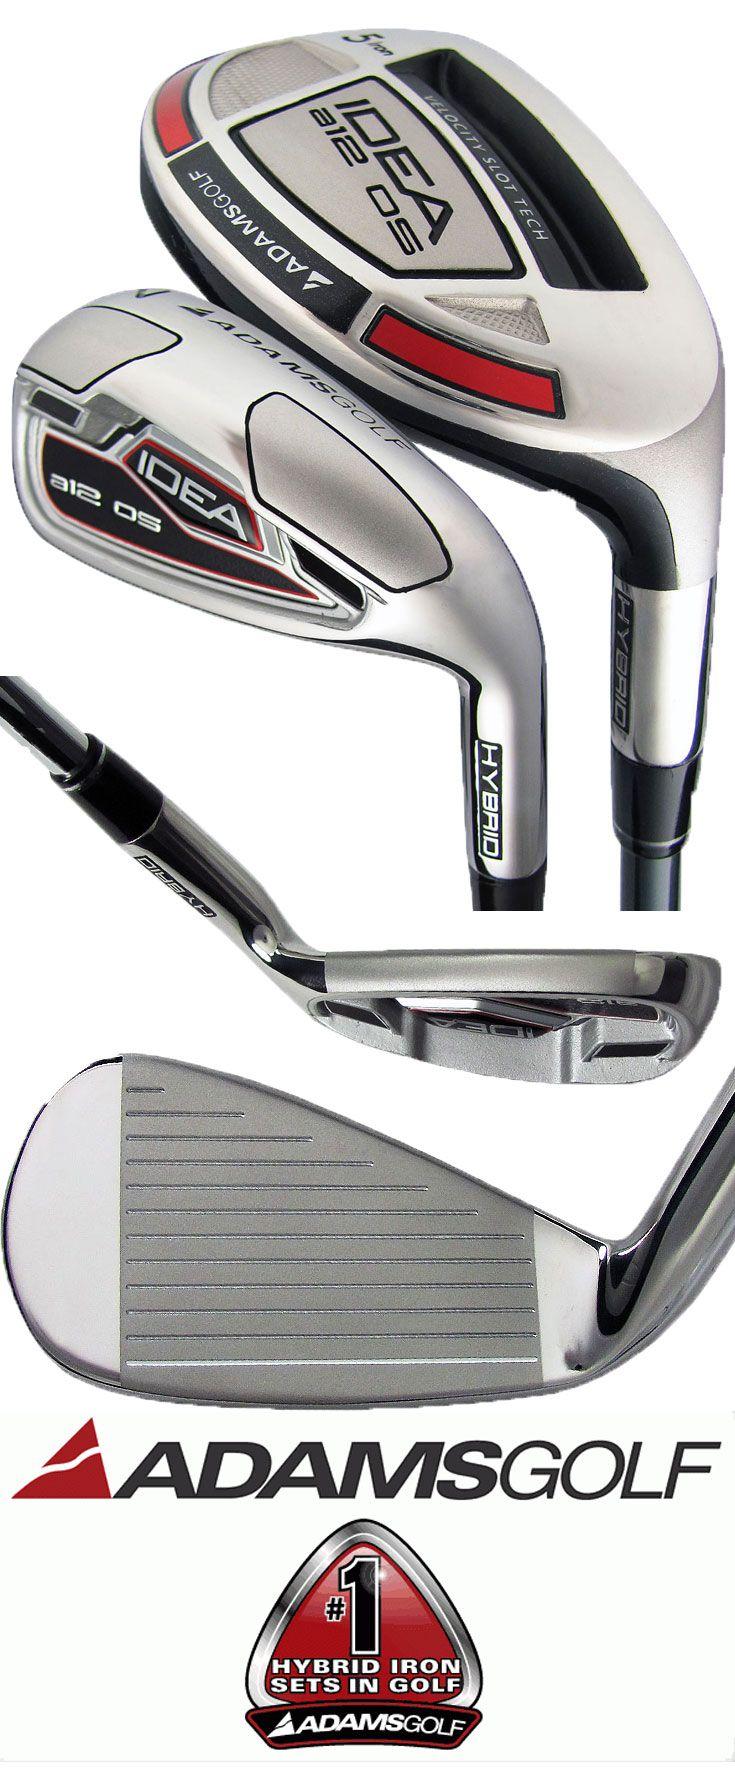 Adams Idea A12 Os Hybrid Irons Set Golf Golfclubs Rock Bottom Golf Rockbottomgolf Golf Ironing Set Golf Clubs